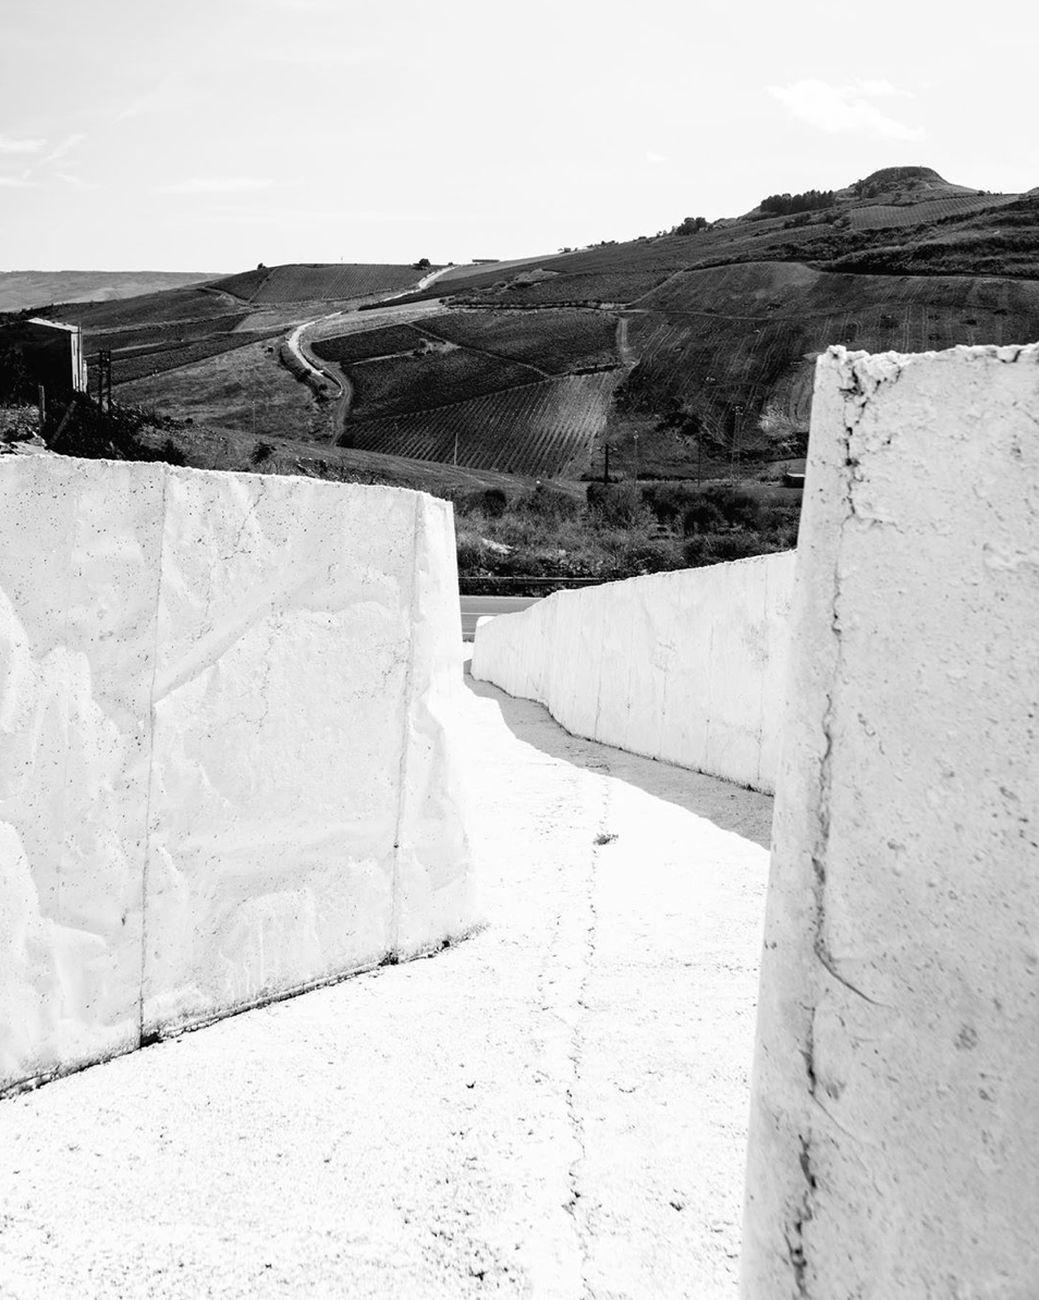 Federica Marretta, Dettaglio, verticale, del Cretto in bianco e nero, 2019, IG @ph_federica_marretta